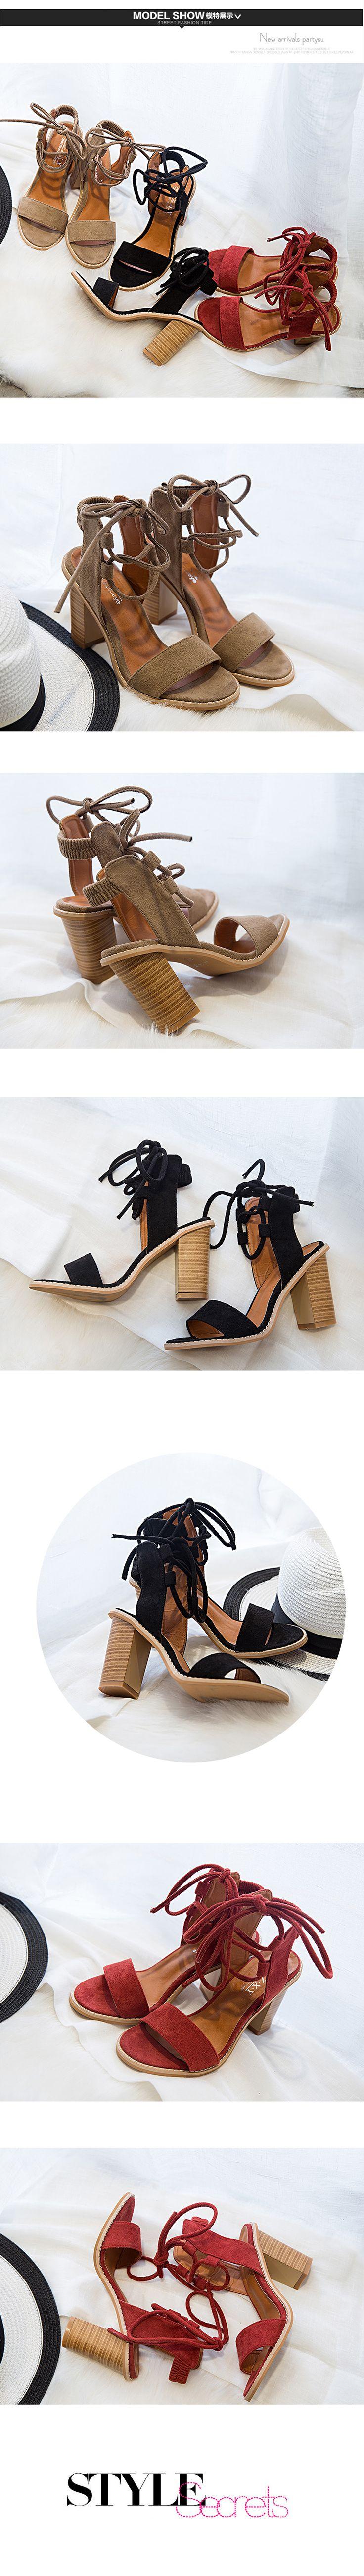 Летний комфорт 9см толстый с сандалии прилива была тонкой древесины с Большого Востока женской обуви с красной супер высоких каблуках Роман суб - Taobao